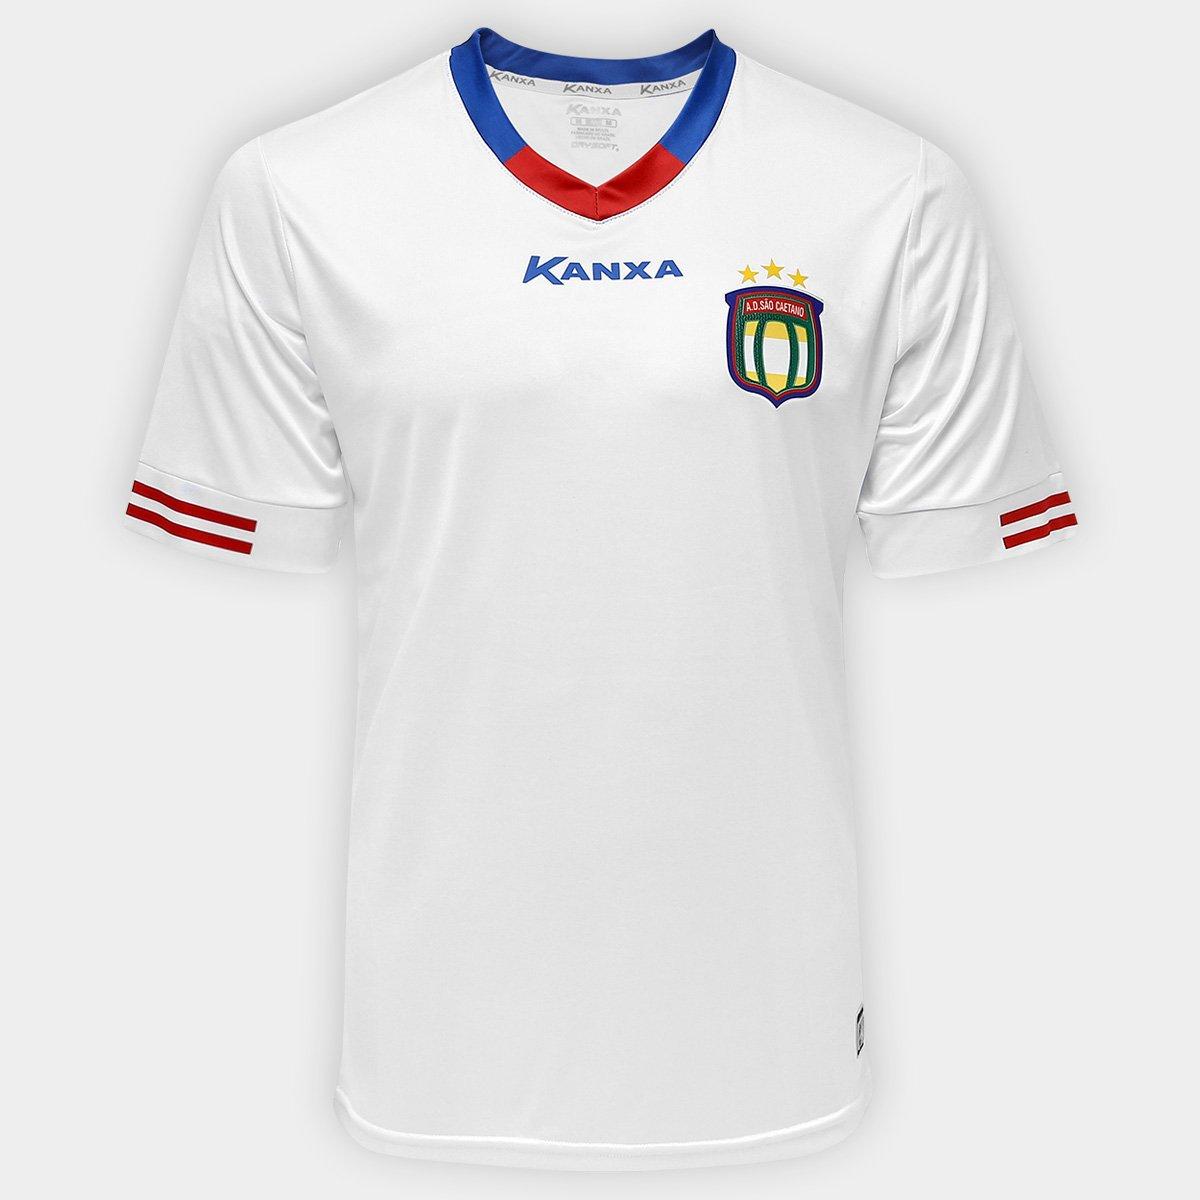 Camisa São Caetano I 2017 nº 10 - Torcedor Kanxa Masculina - Compre Agora  b197a6631acaf